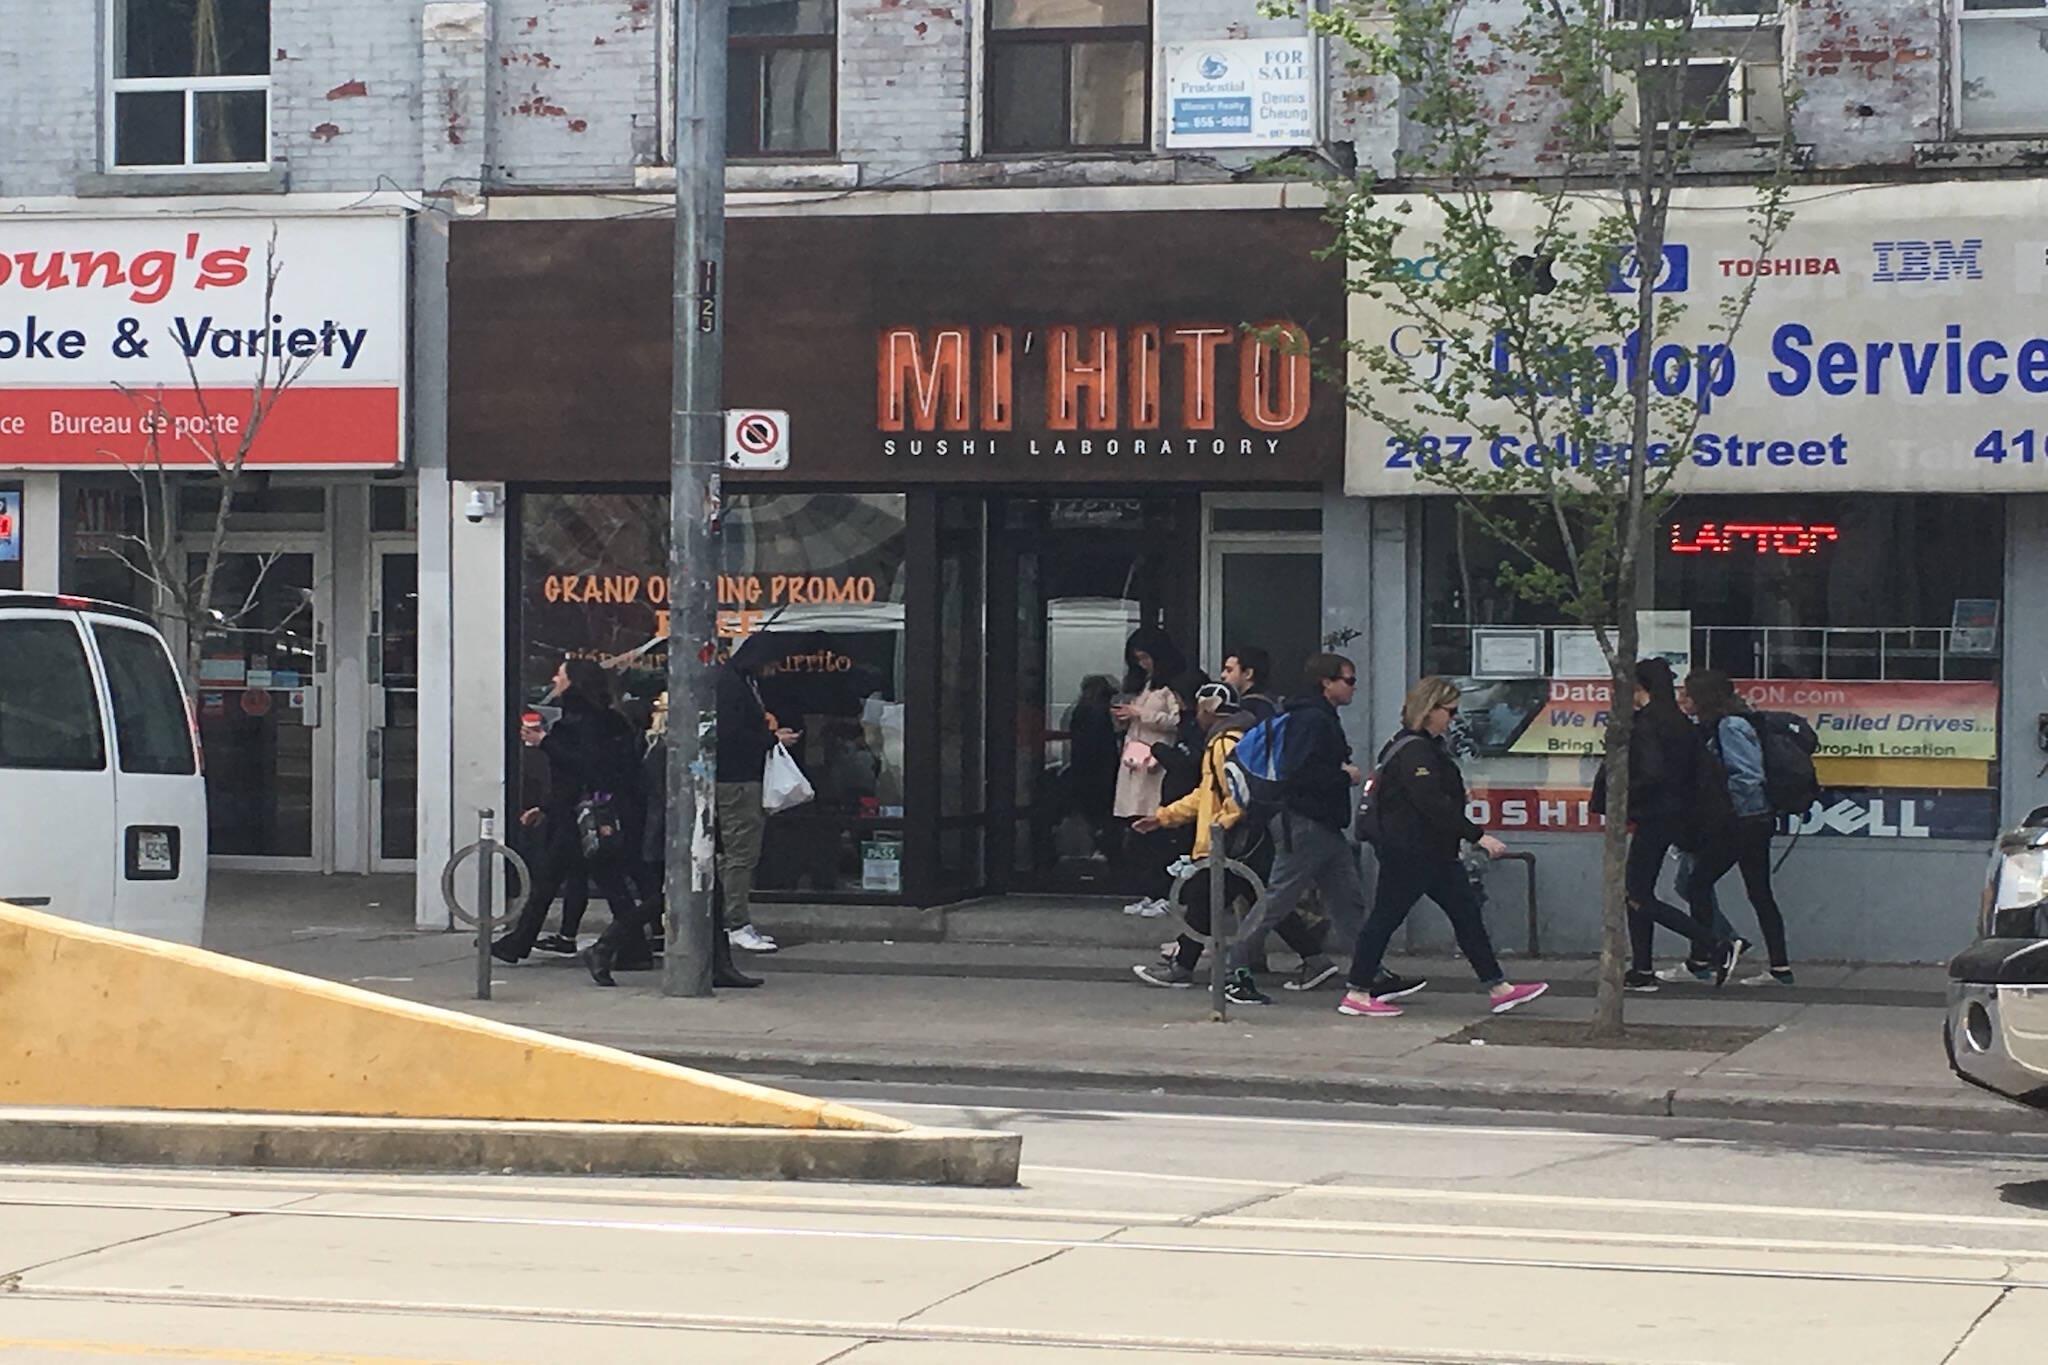 mihito Toronto